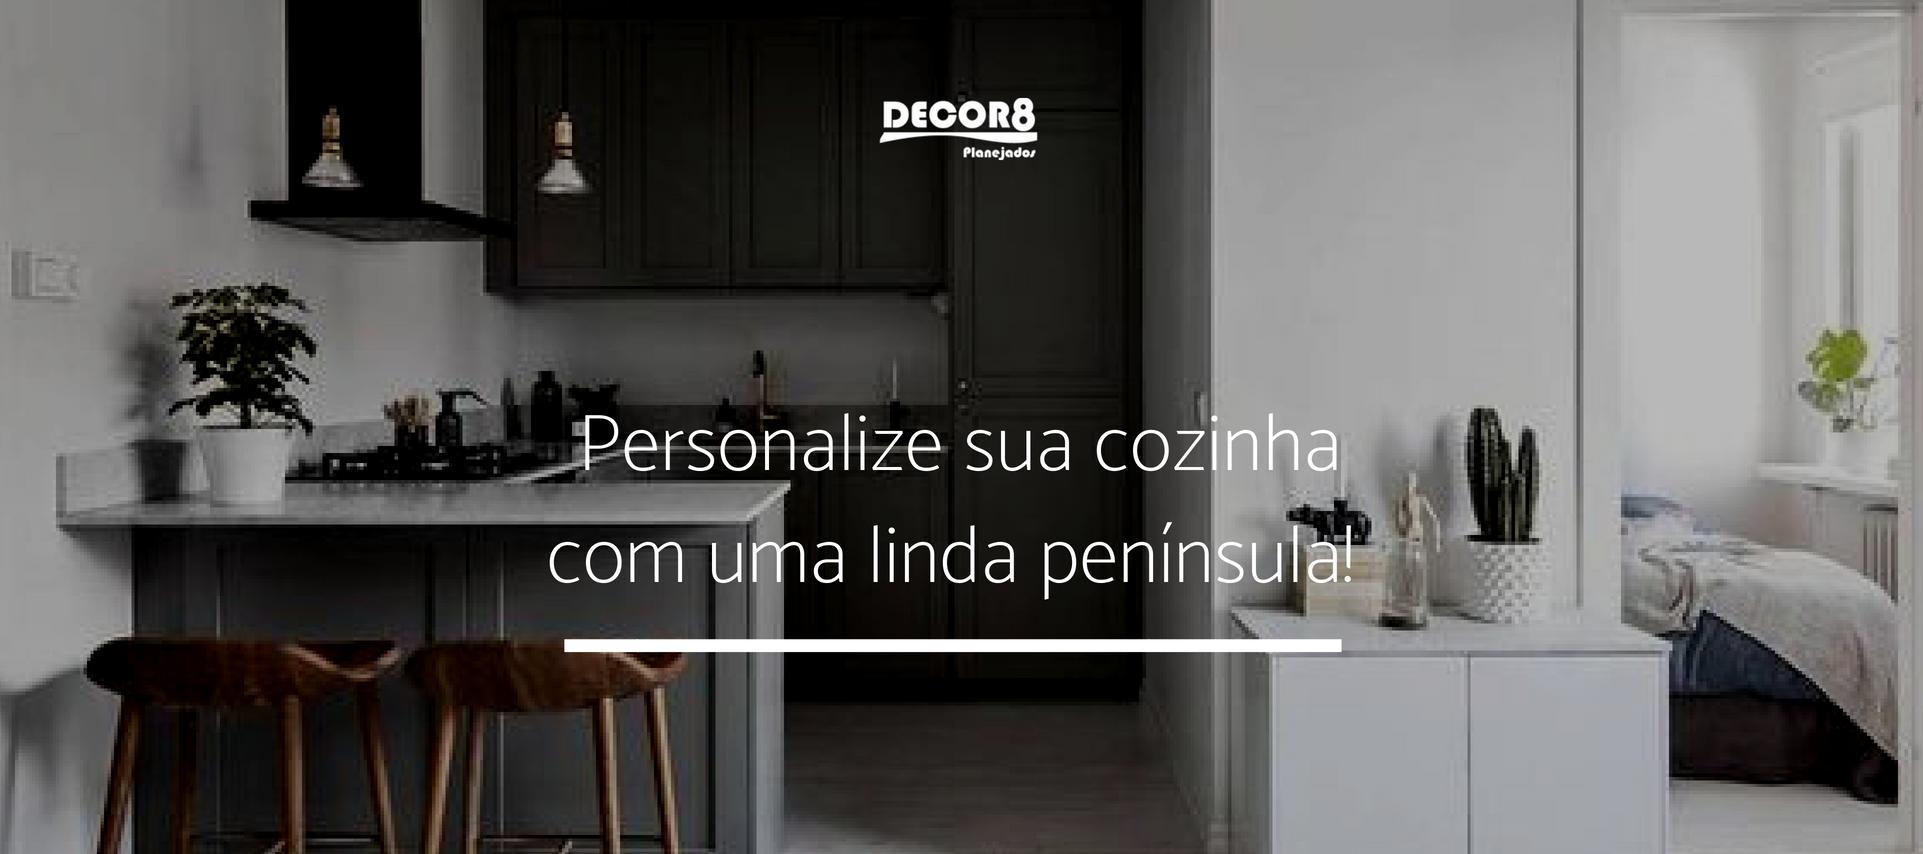 Personalize sua cozinha com uma linda península!